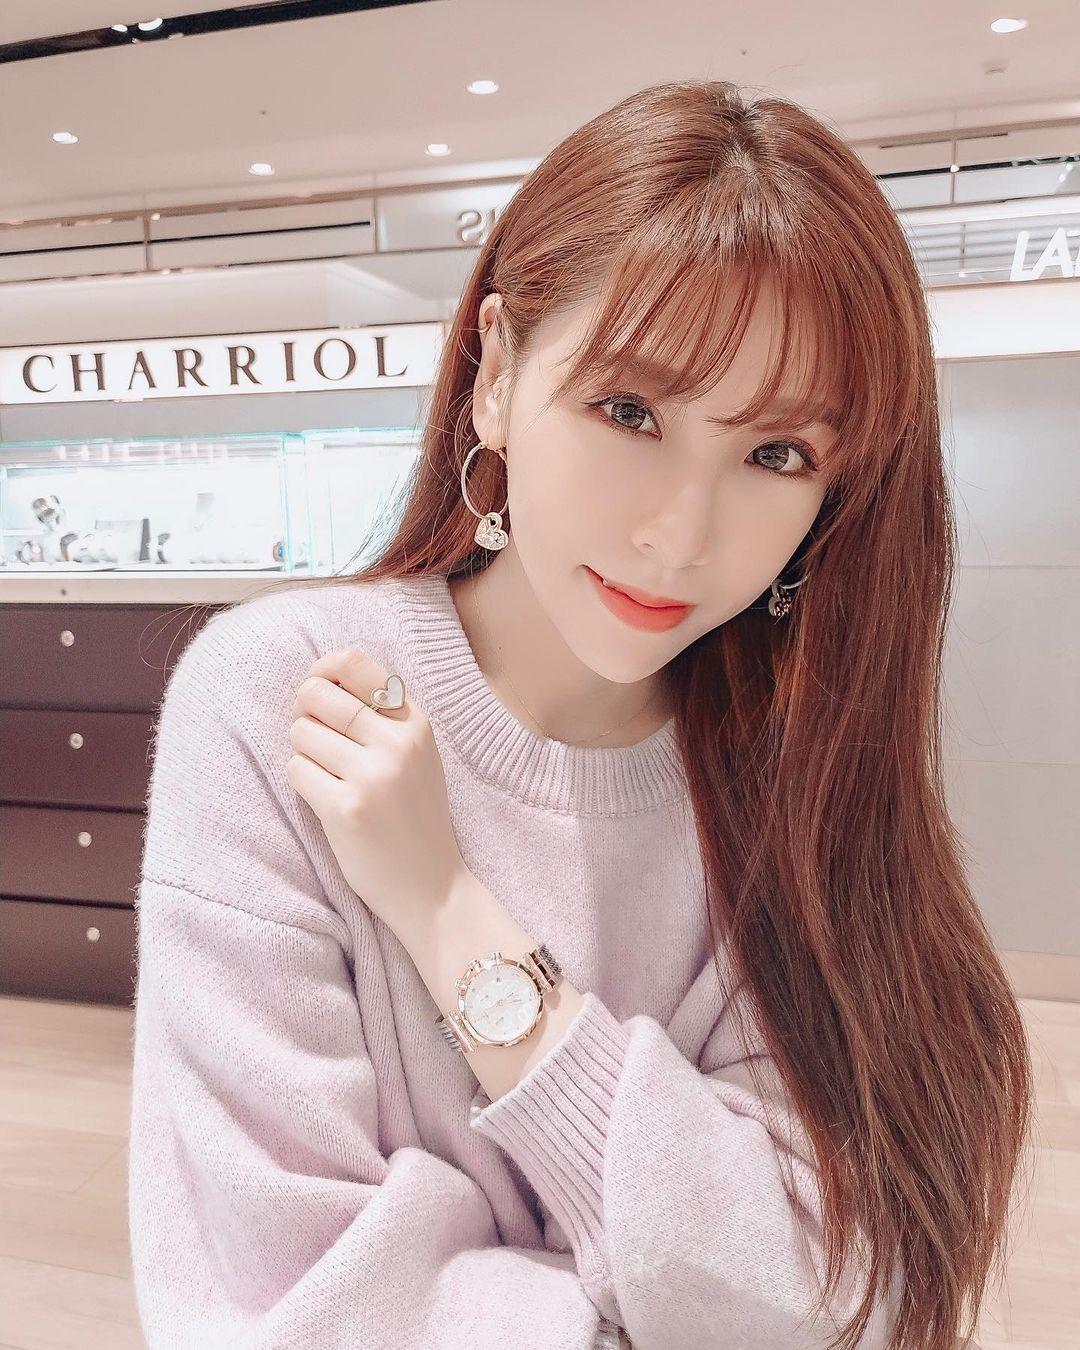 女大18变的高颜值女孩郭婕祈惊动网友….